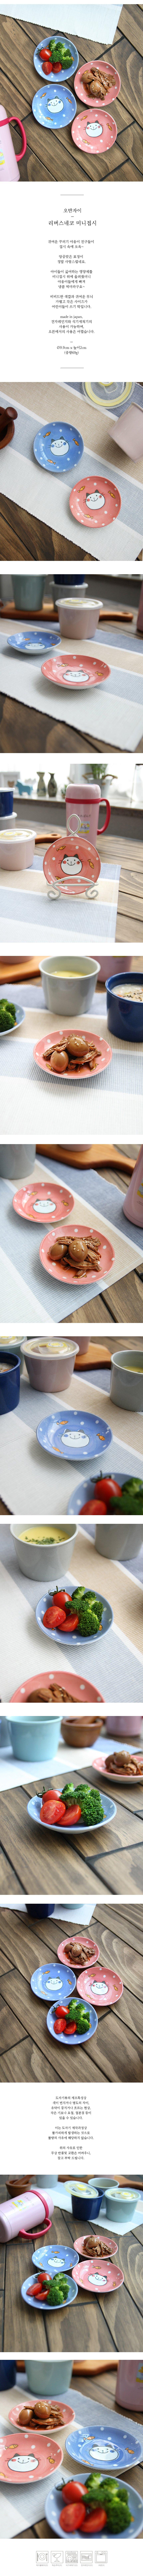 리버스네코 미니접시 10cm - 로메이키친A, 3,500원, 접시/찬기, 접시